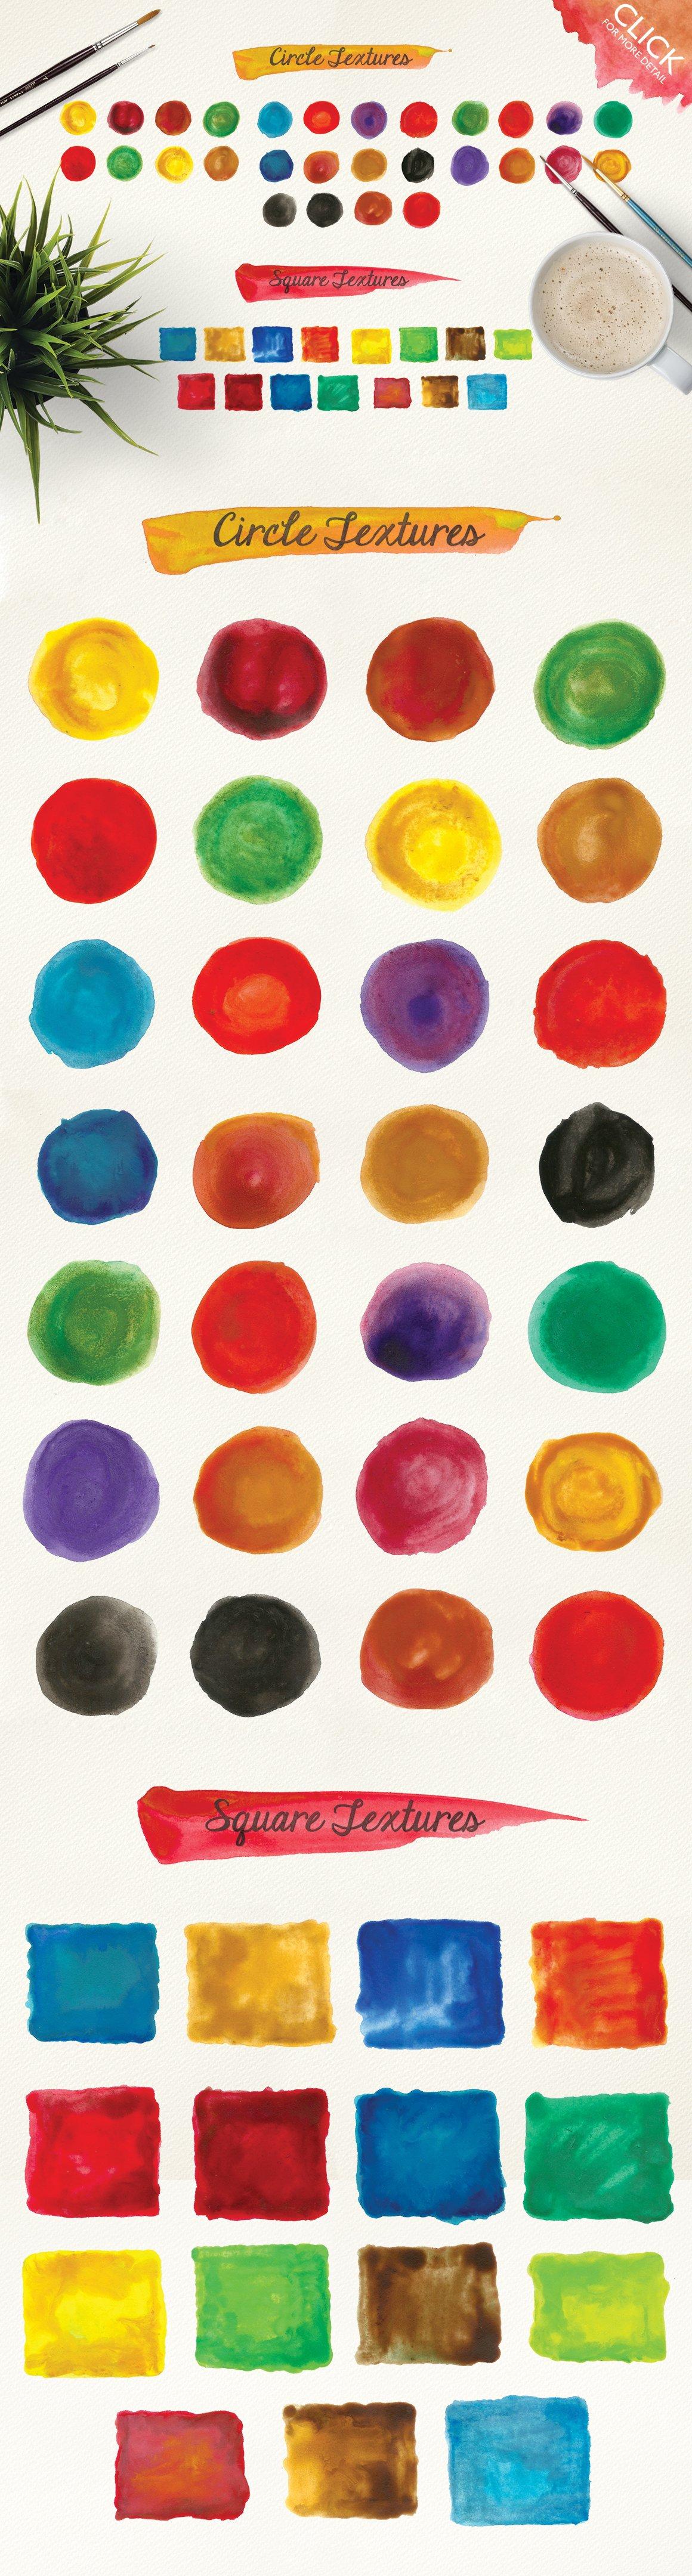 500款高清多彩水墨水彩背景纹理图片素材 500 Watercolor Textures Packs插图(1)